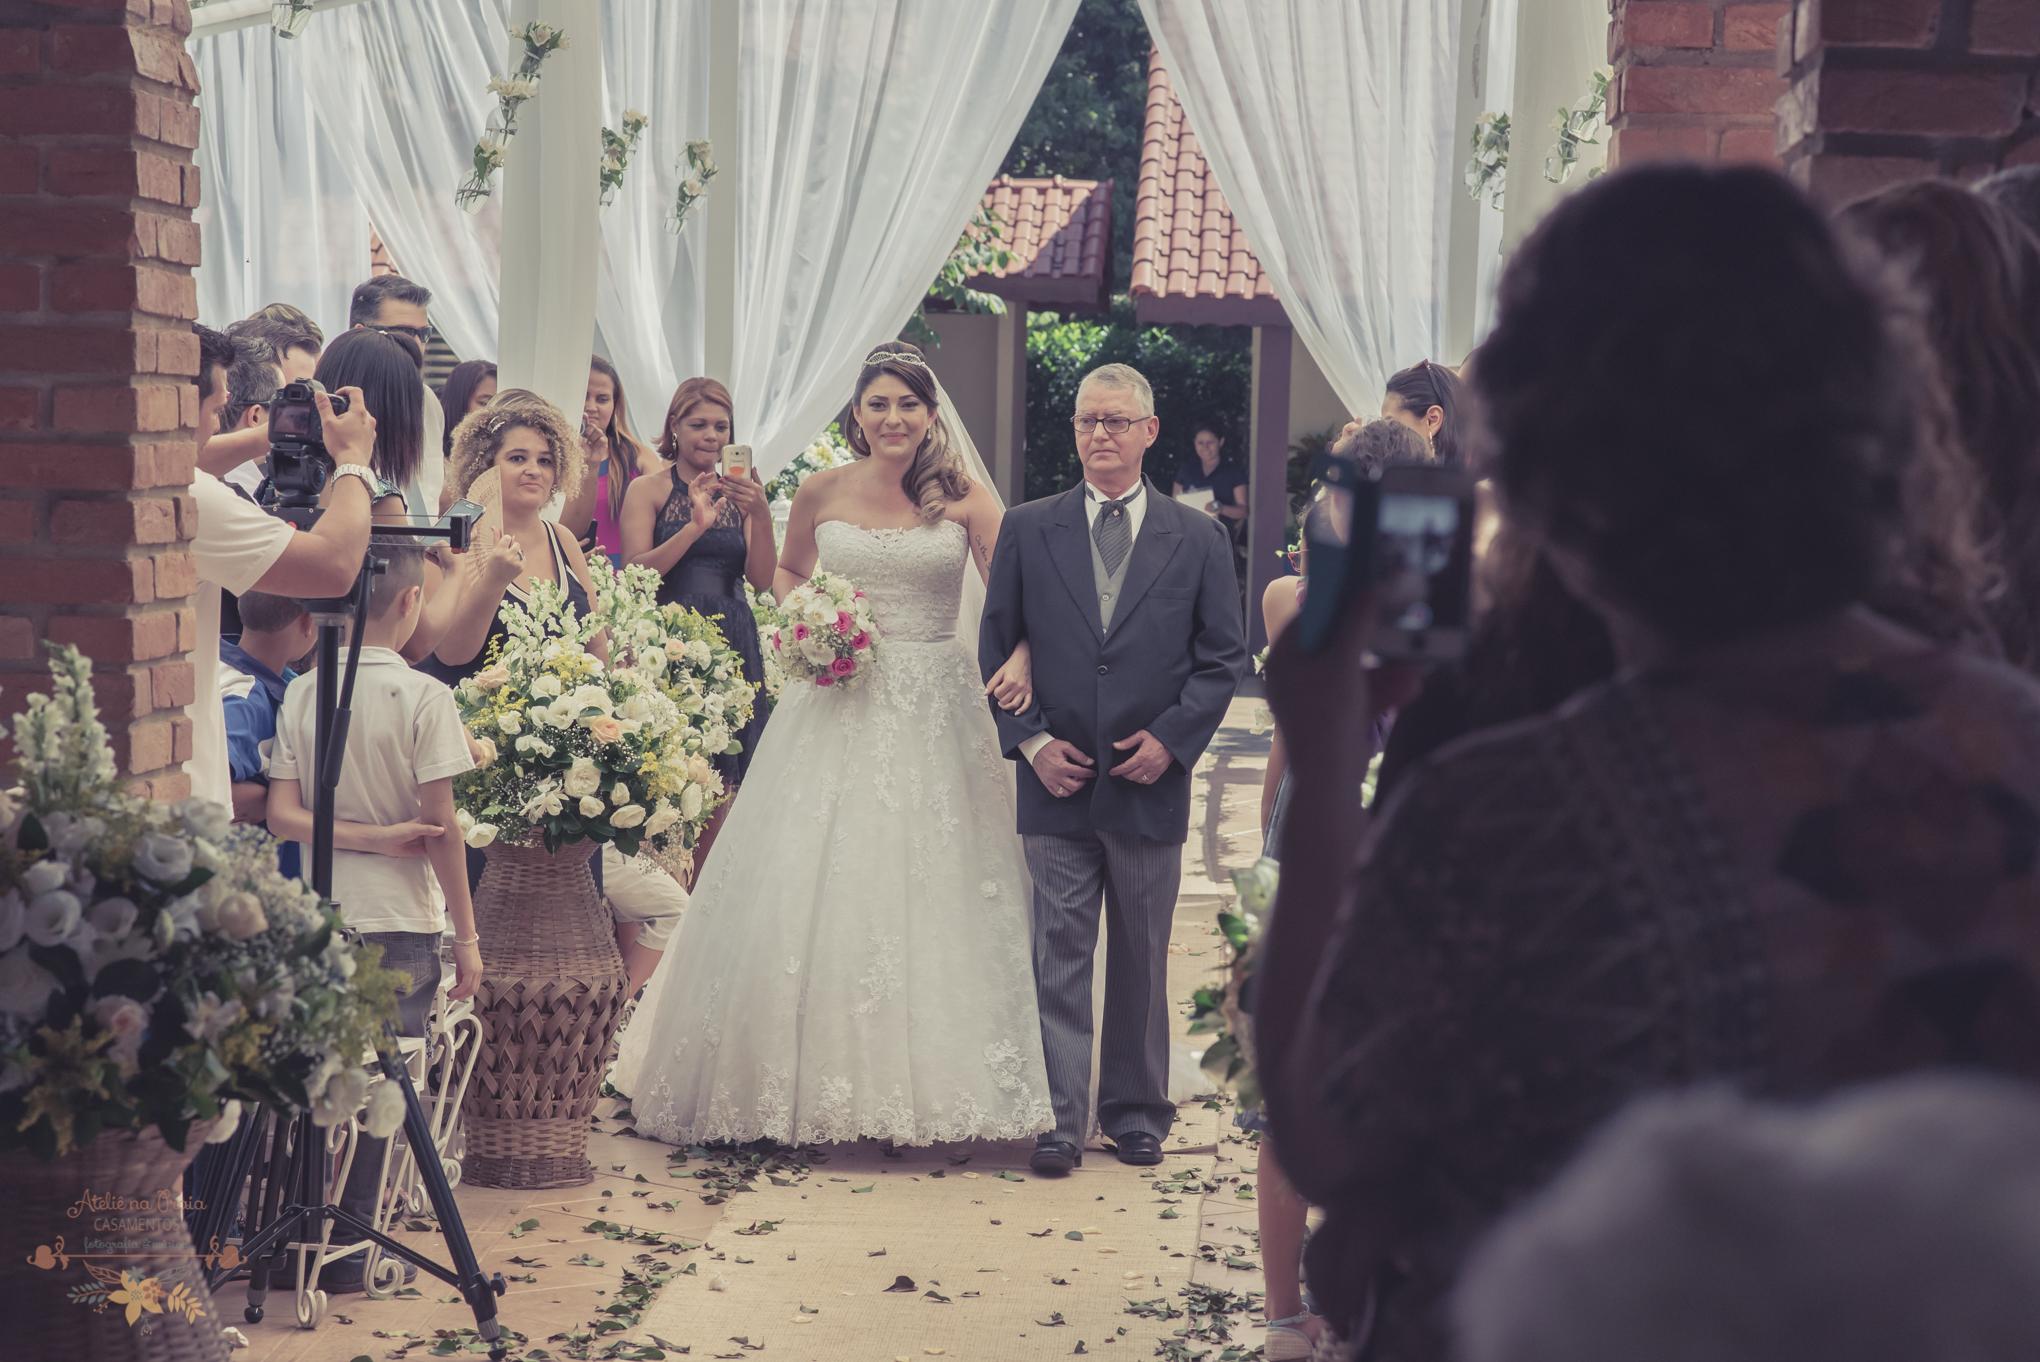 04-Atelie-na-Praia-Casamento-Yasmine-Anderson-0940